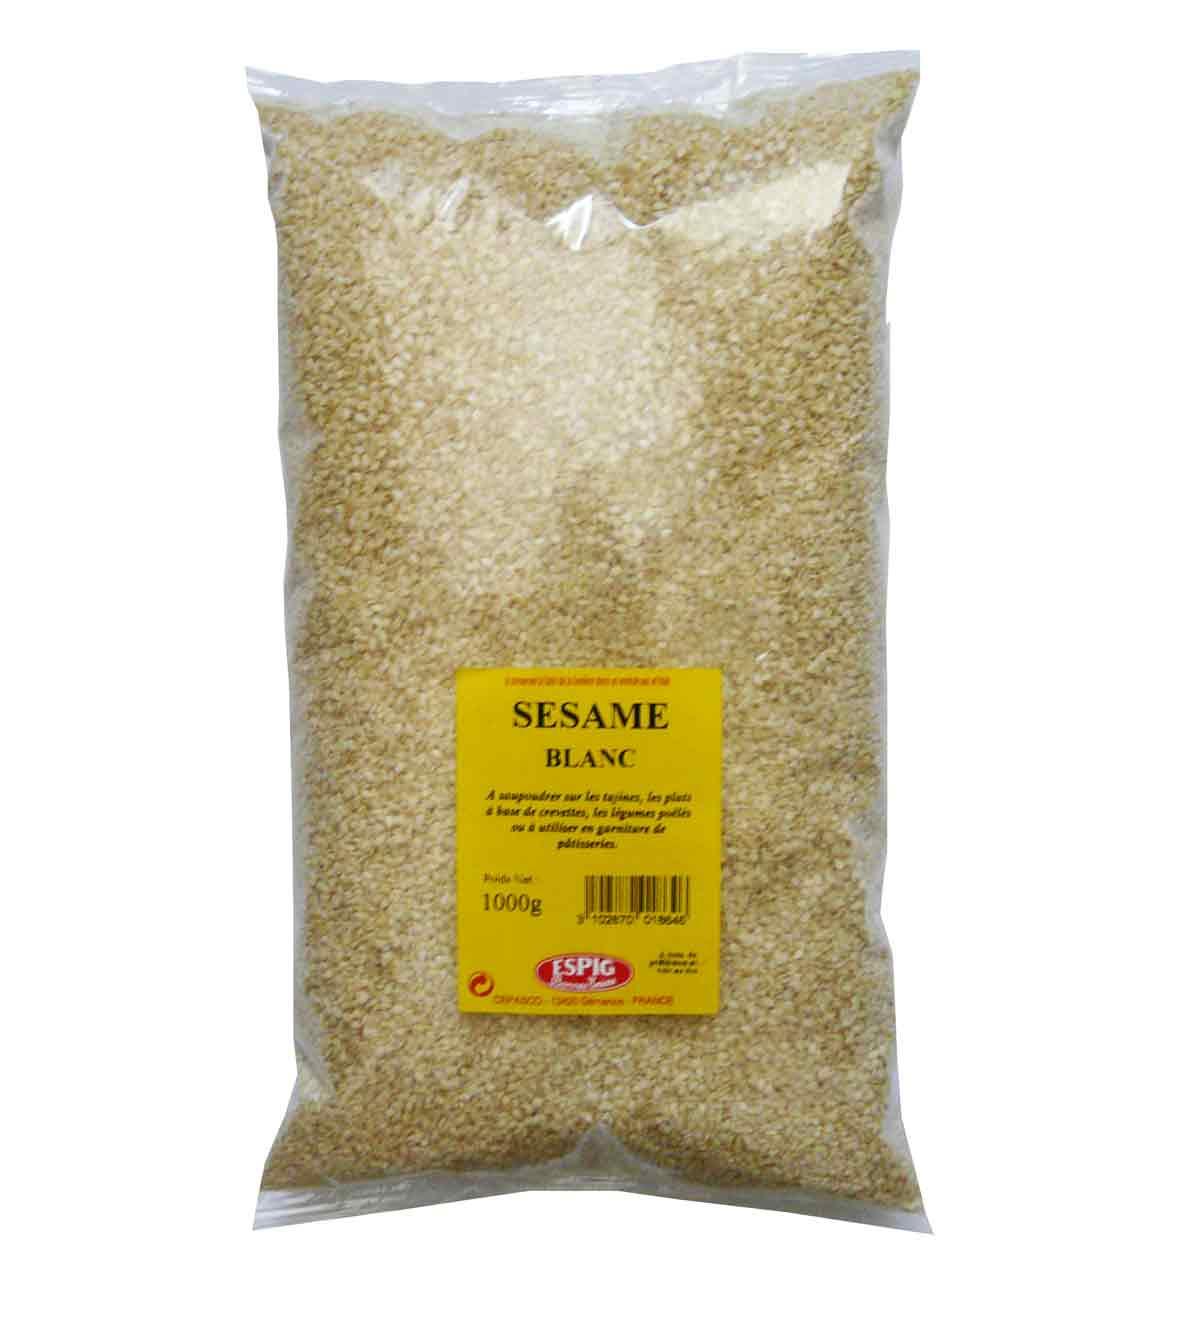 Sesame blanc poche 1kg espig epicerie picerie - Prix du fer au kilo ...